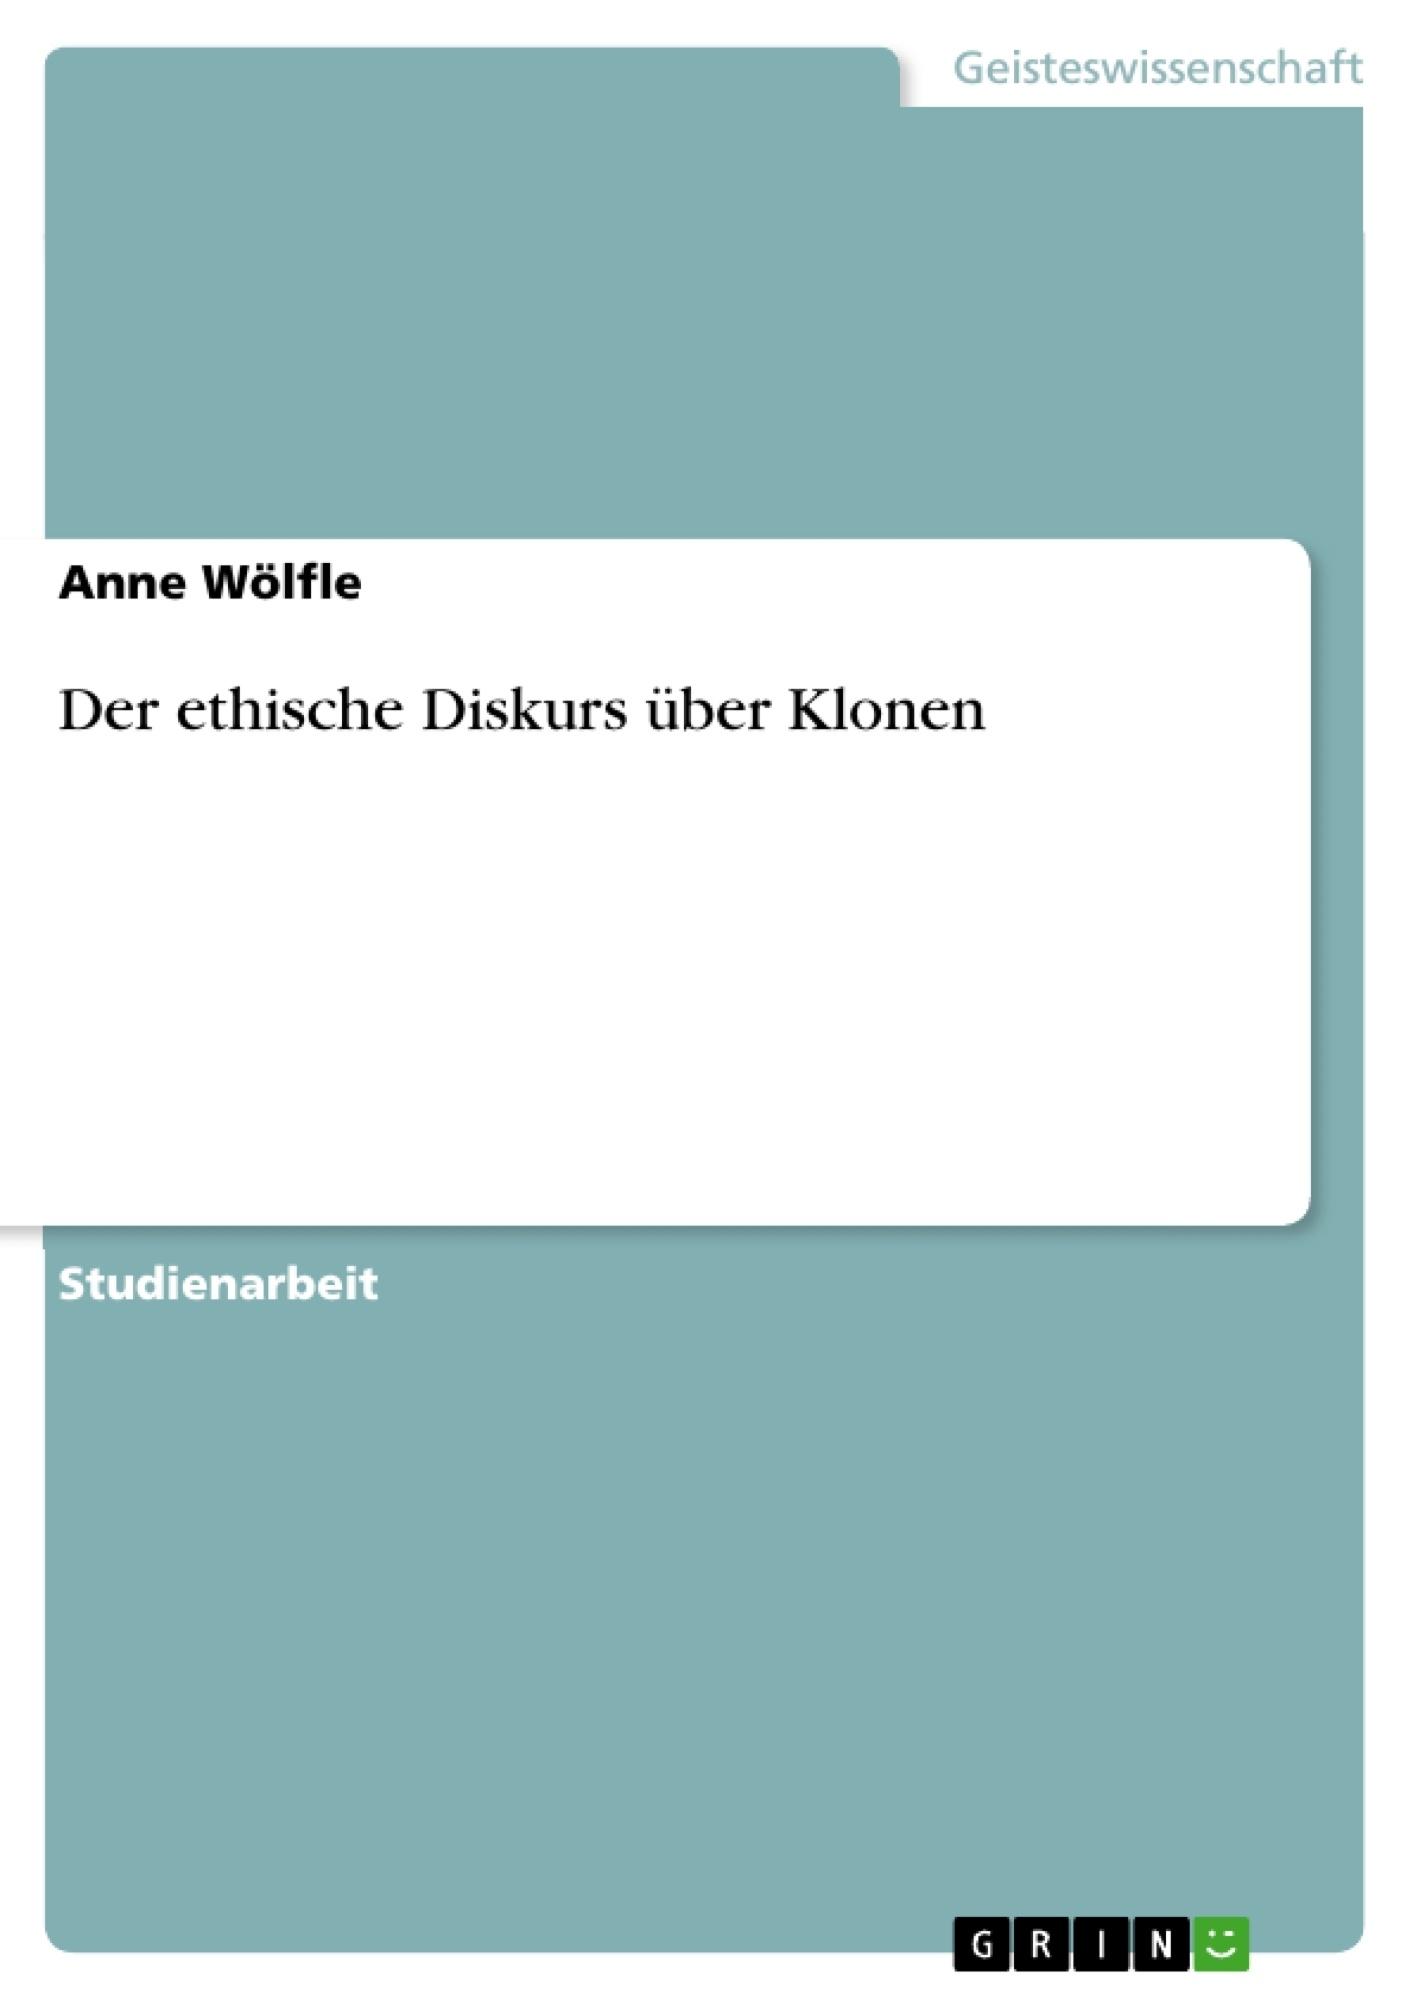 Titel: Der ethische Diskurs über Klonen